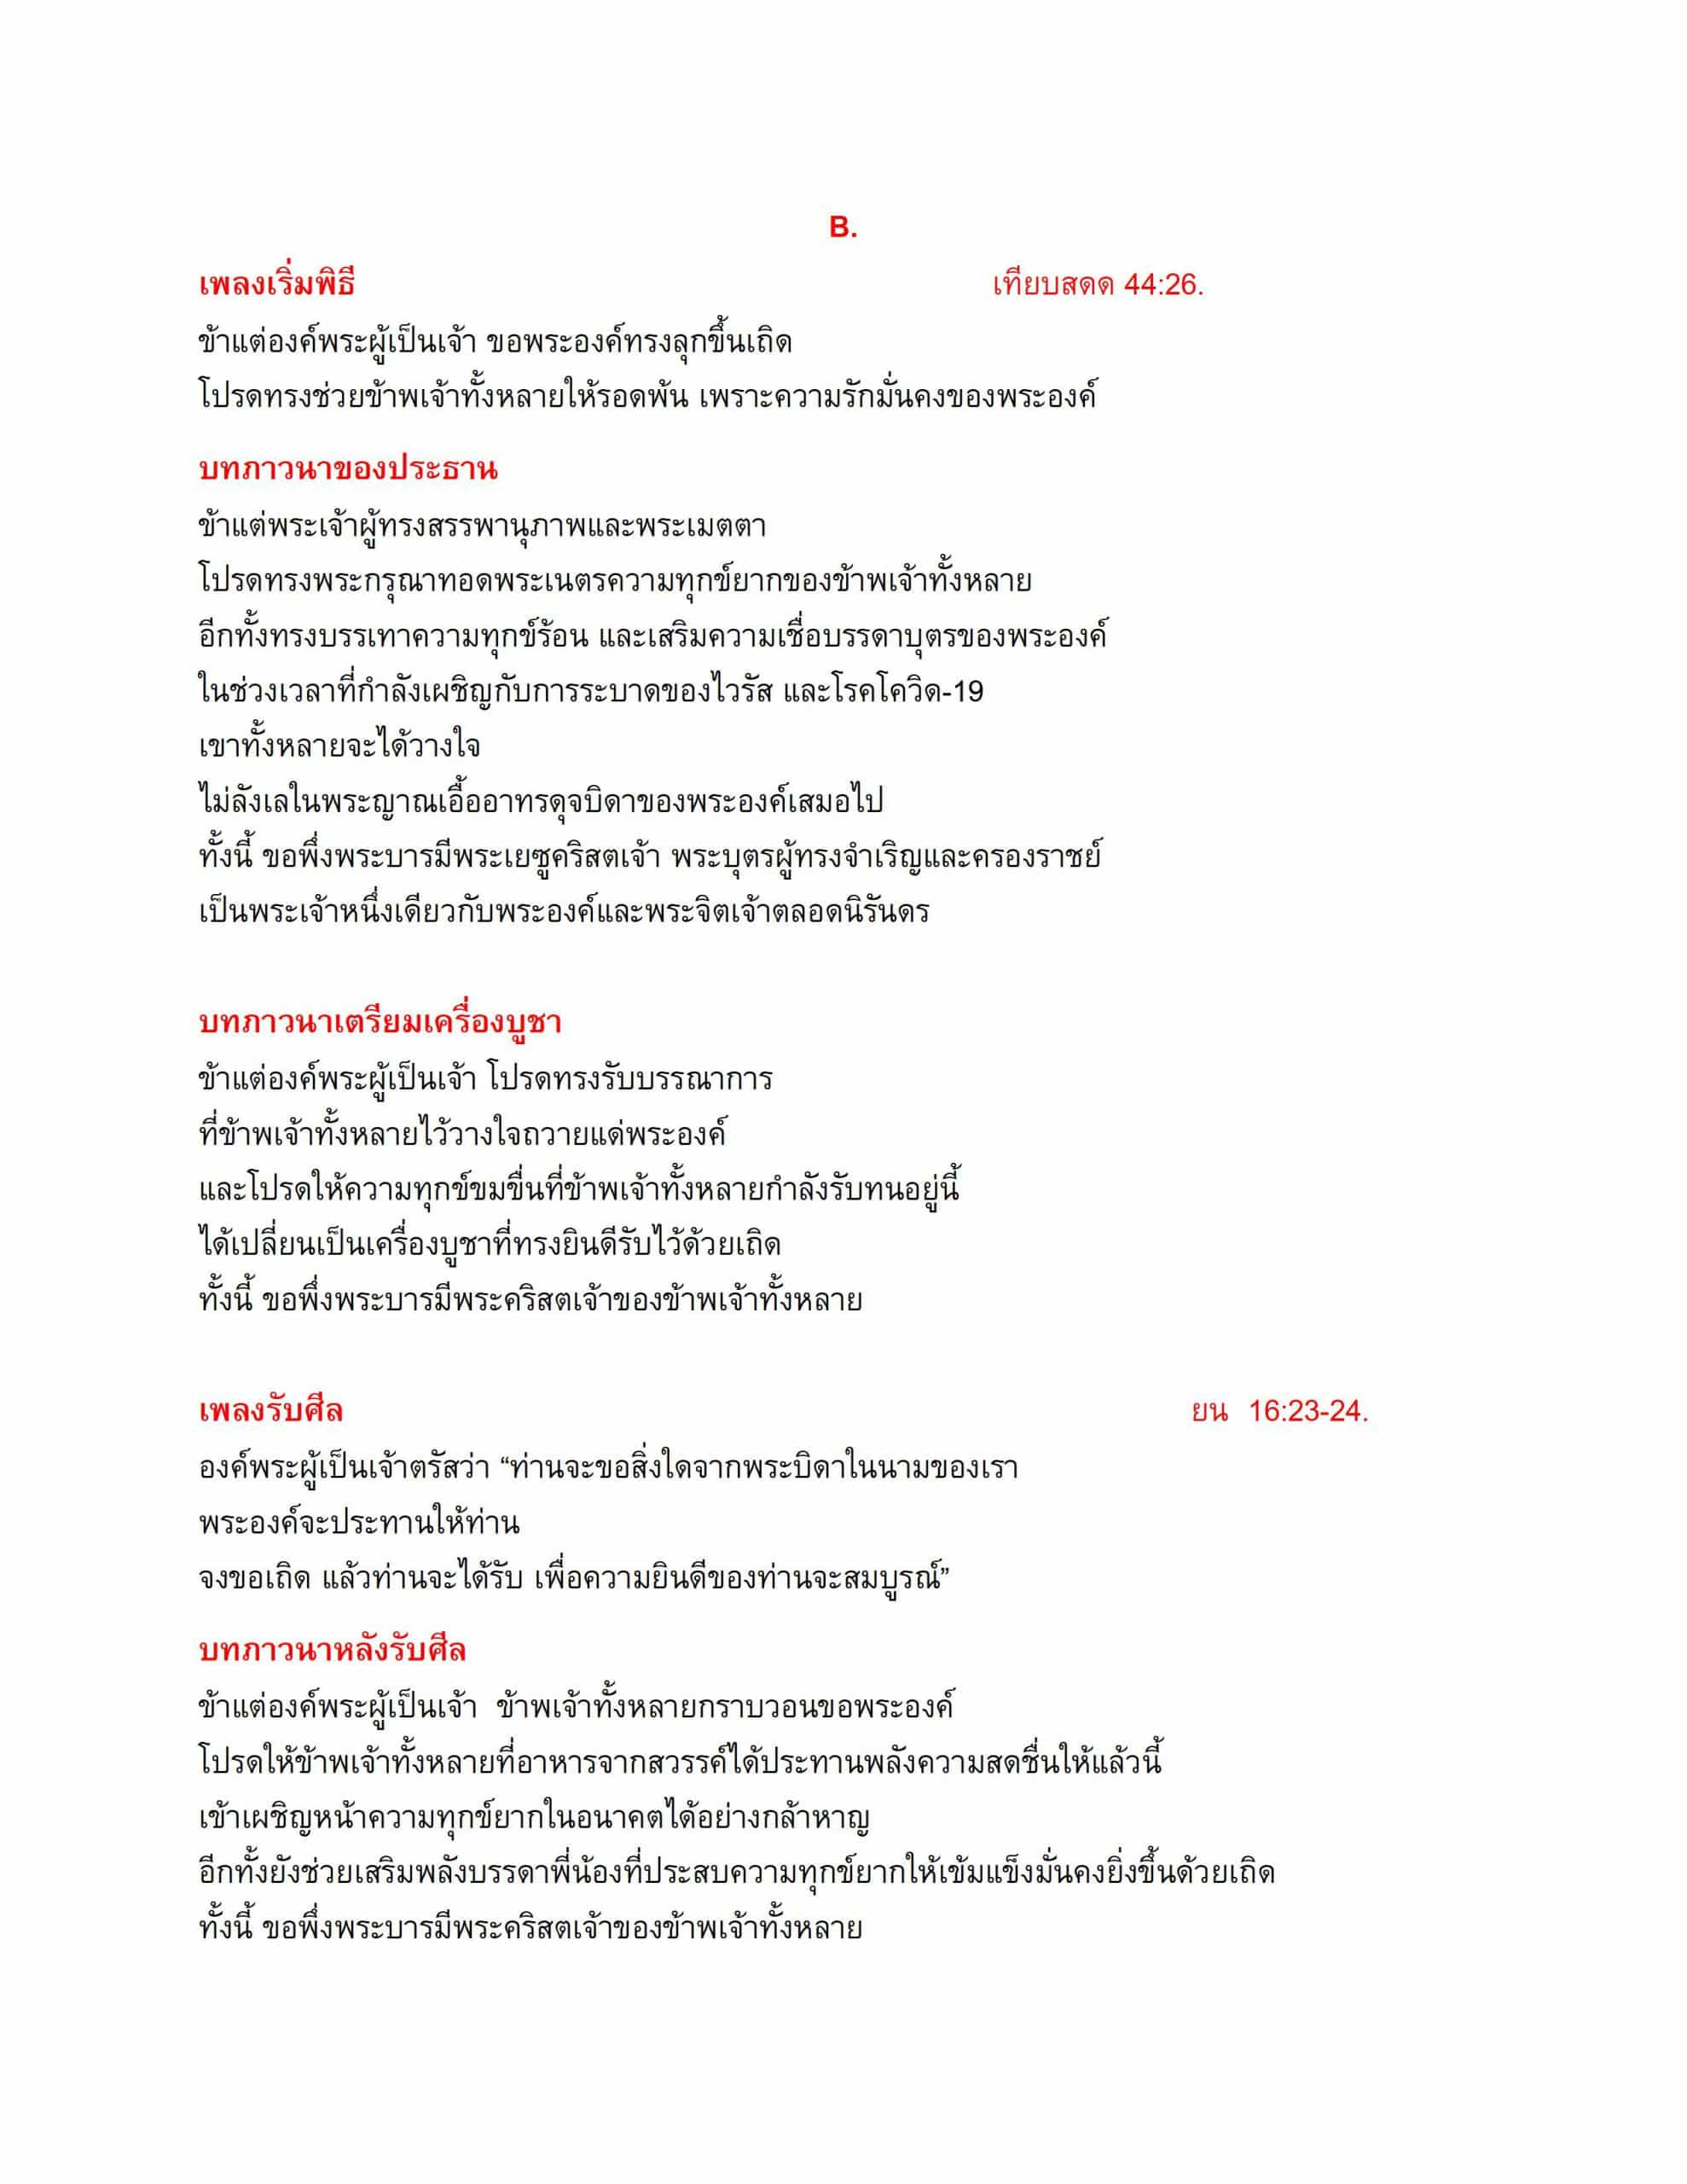 สาสน์อภิบาล เลขที่ สสท. 032-2020 (8)